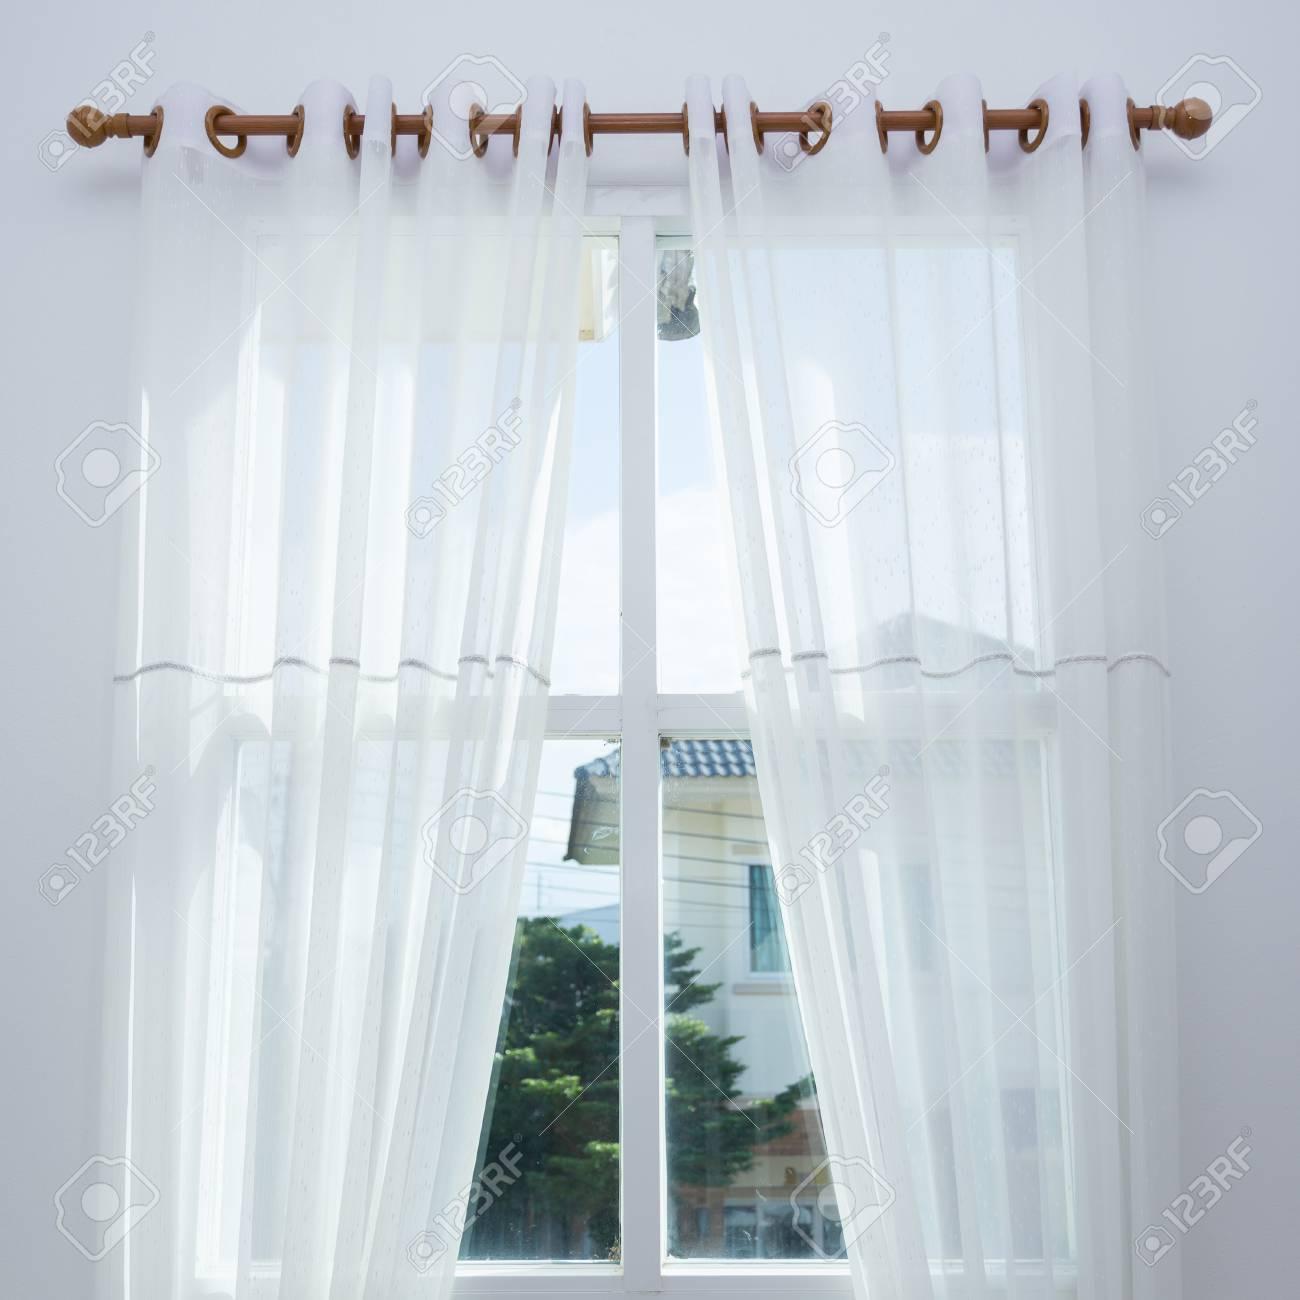 fenetre de rideau blanc dans la maison moderne